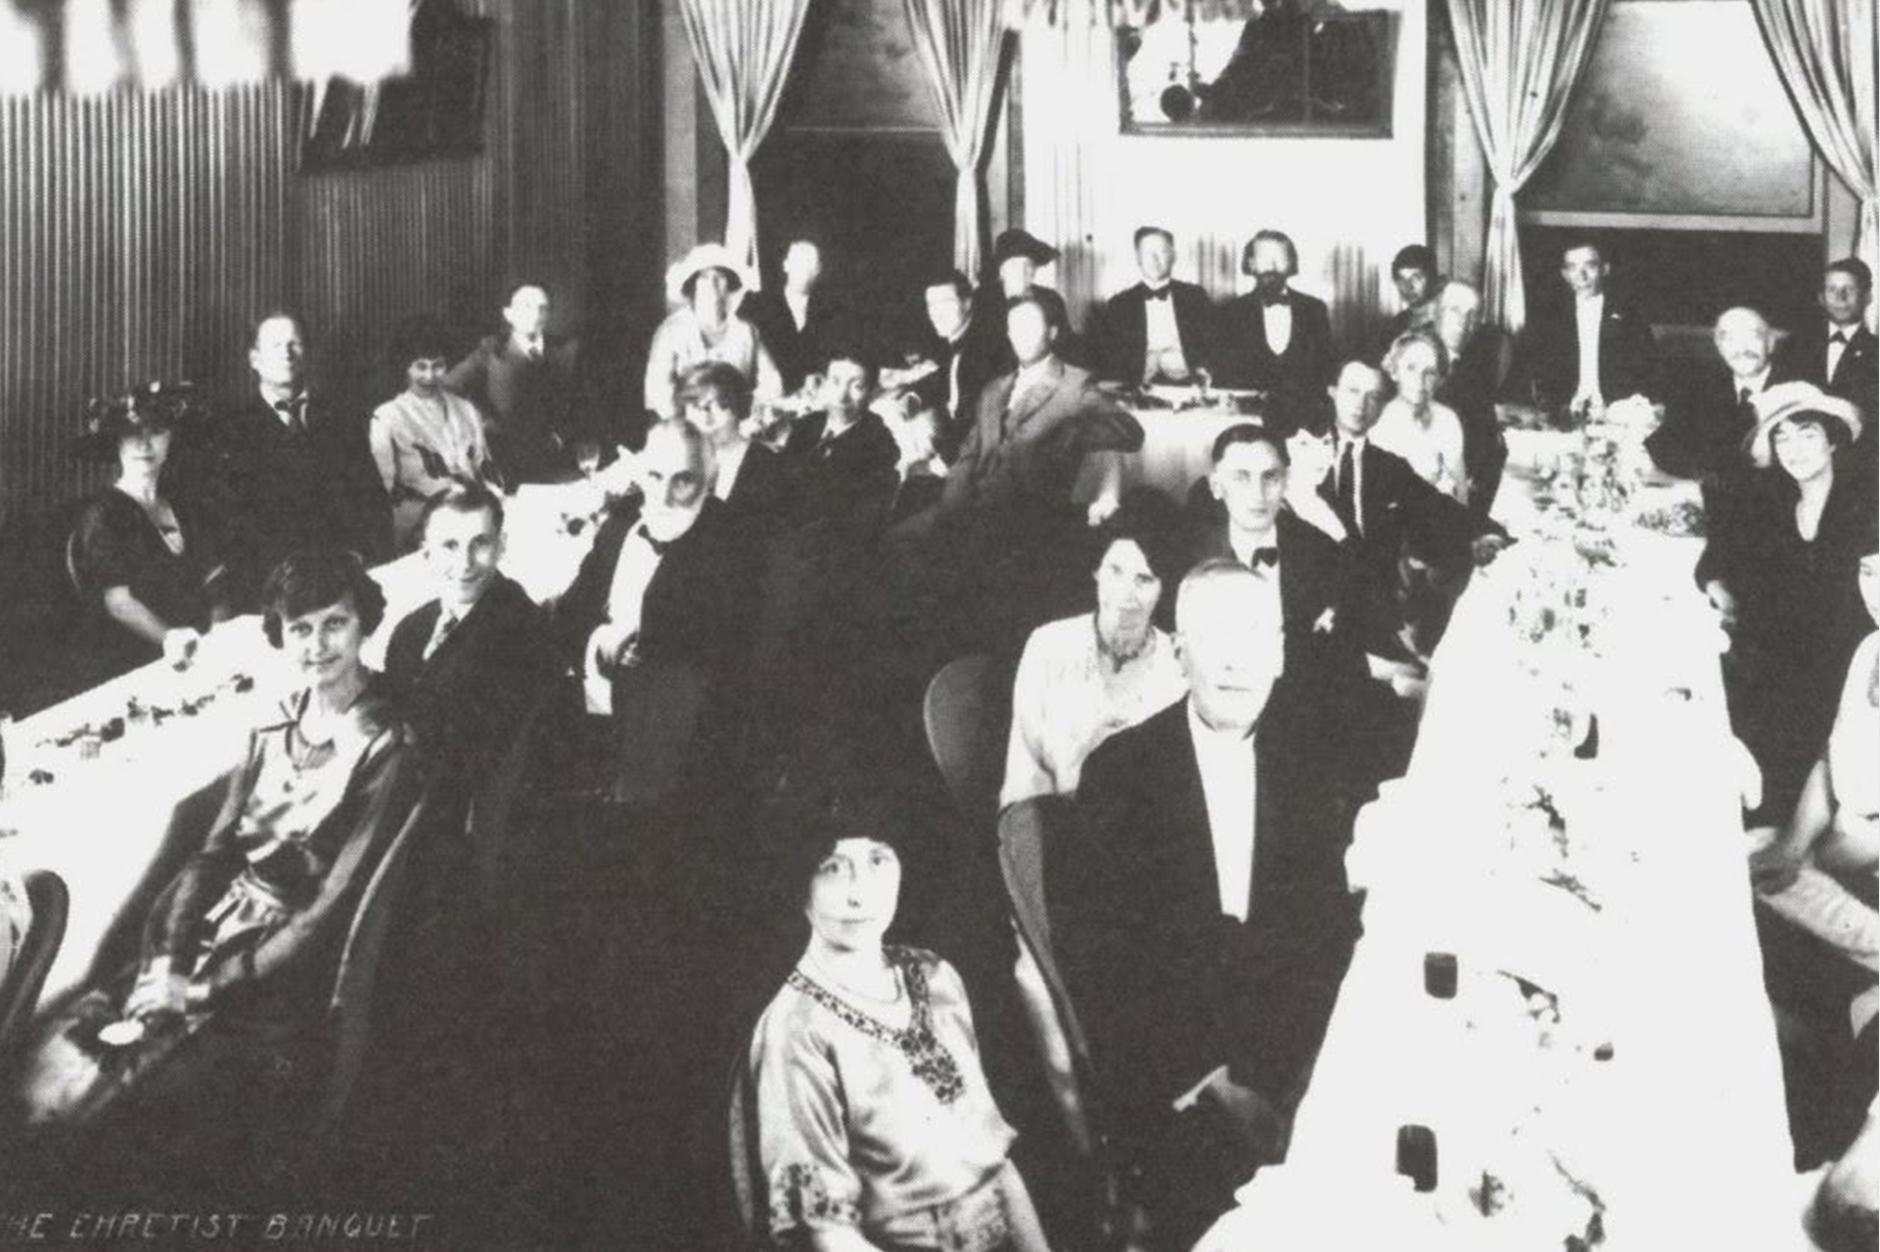 Banquete de graduación del curso Sistema Curativo por Dieta Amucosa del 6 de Julio de 1922